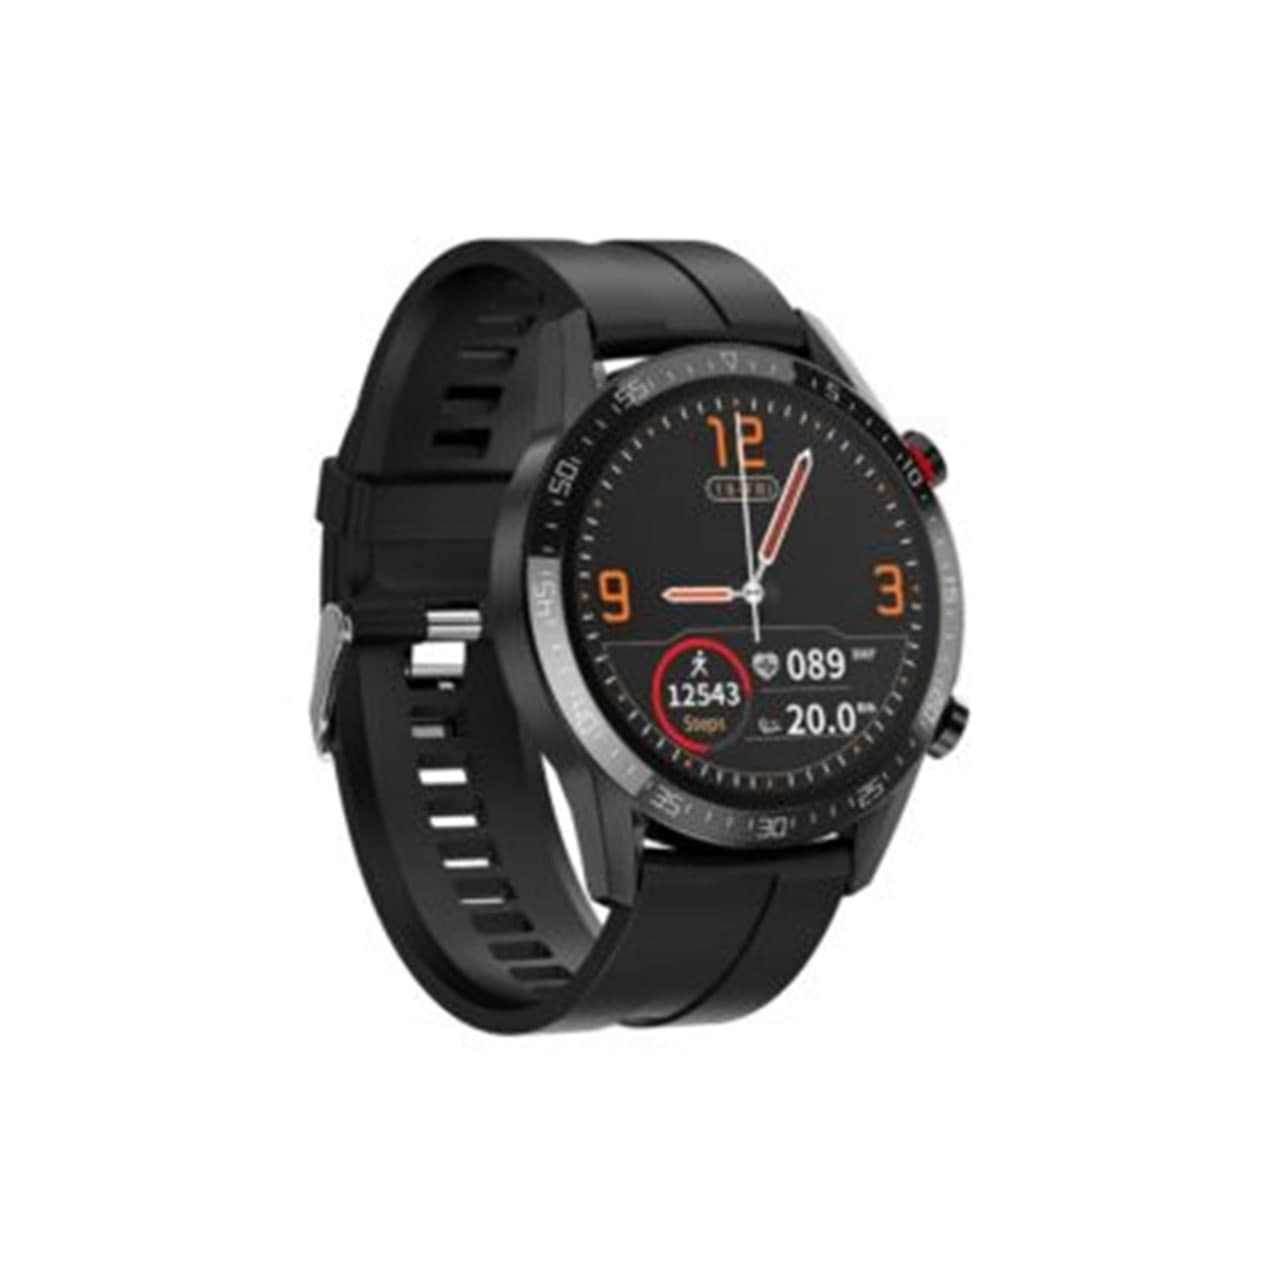 بررسی و {خرید با تخفیف}                                     ساعت هوشمند مدل Gw33                             اصل